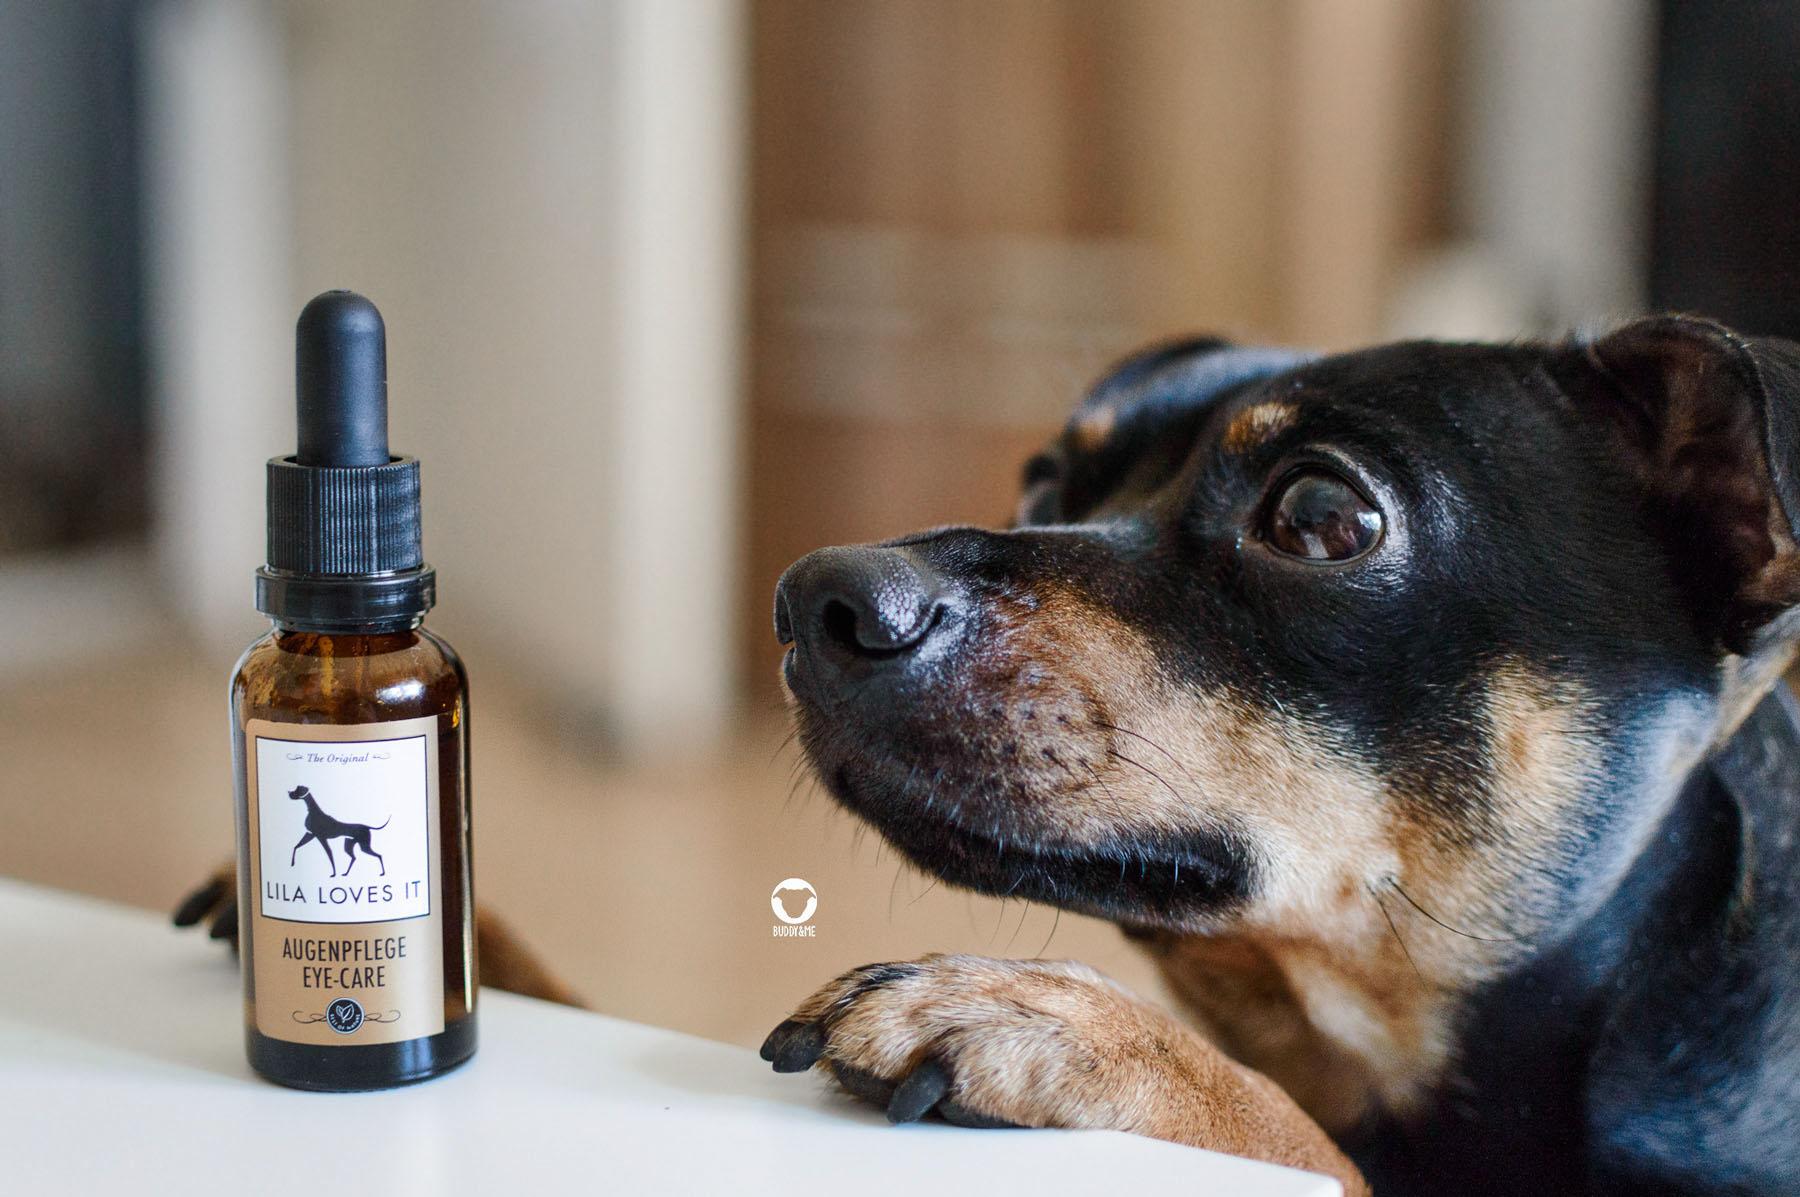 Pinscher Buddy, Buddy and Me, Hundeblog, Dogblog, Ruhrgebiet, Gesundheit, Augenpflege, Lila Loves It, Tipp, Empfehlung, Augen reinigen, Hund, natürlich, sanft, Verkrustungen, tränende Augen